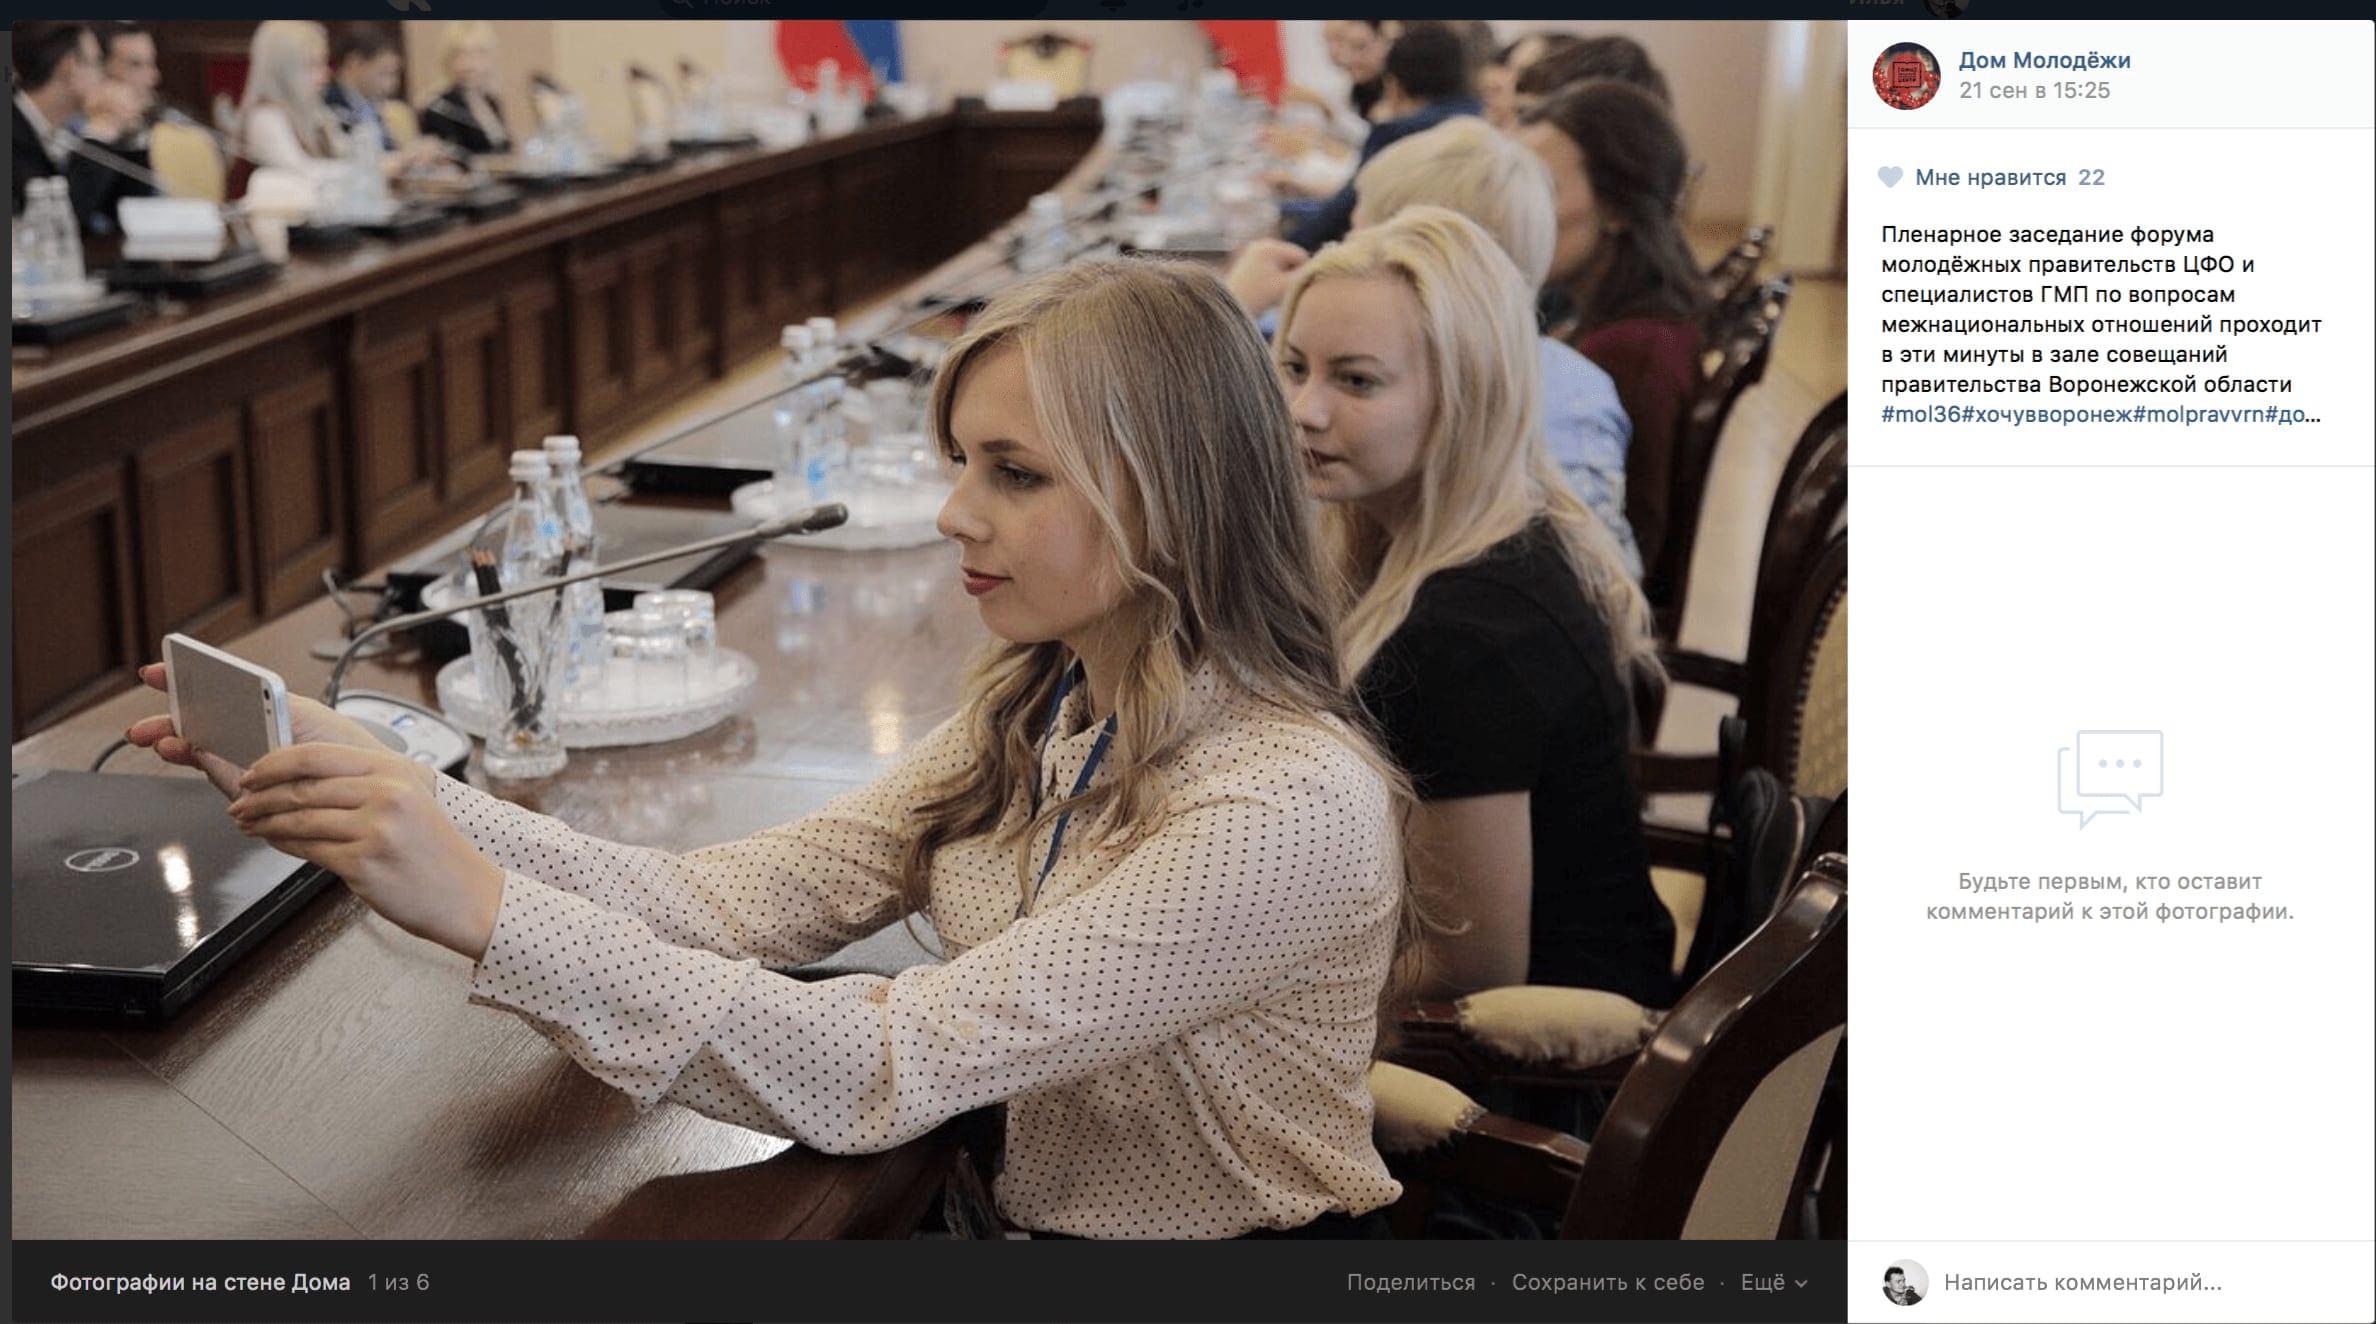 Дом Молодежи в Воронеже работает со студентами, и именно в Доме Молодежи я и работал.